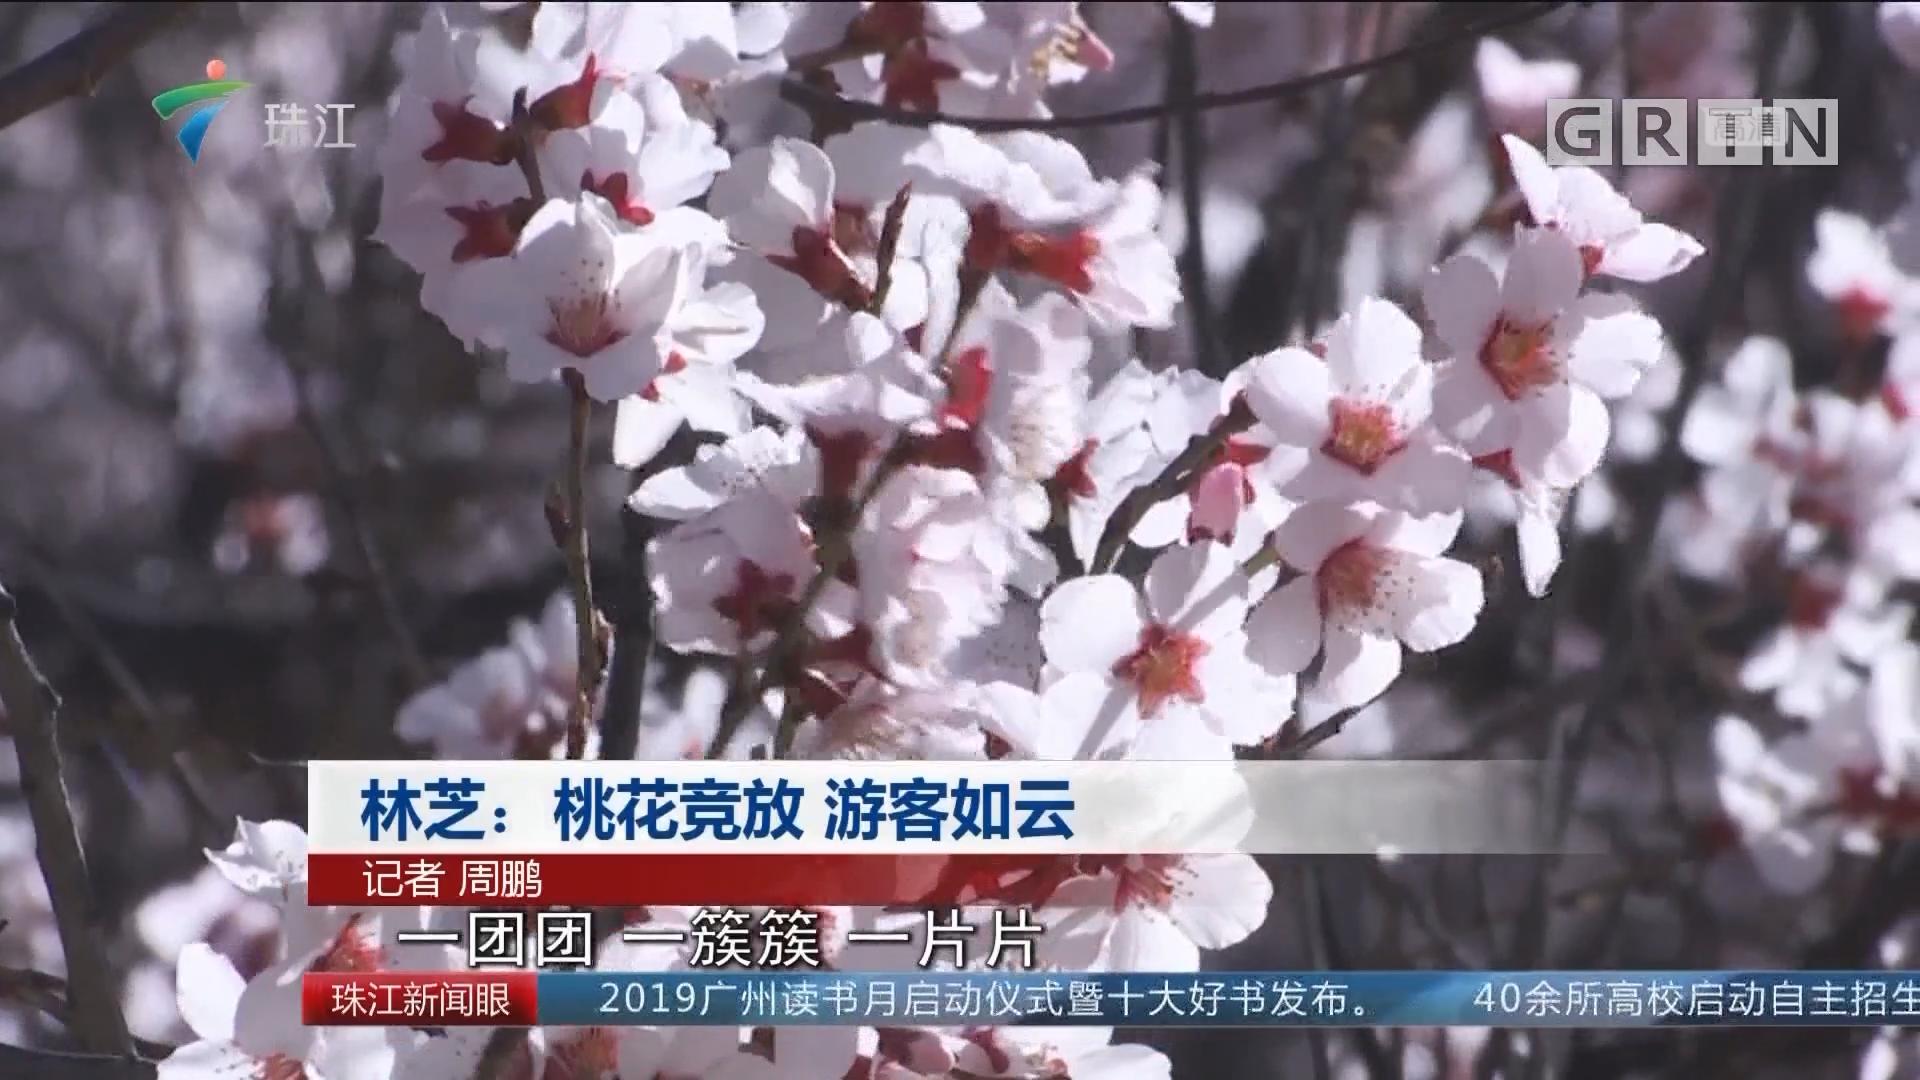 林芝:桃花竞放 游客如云